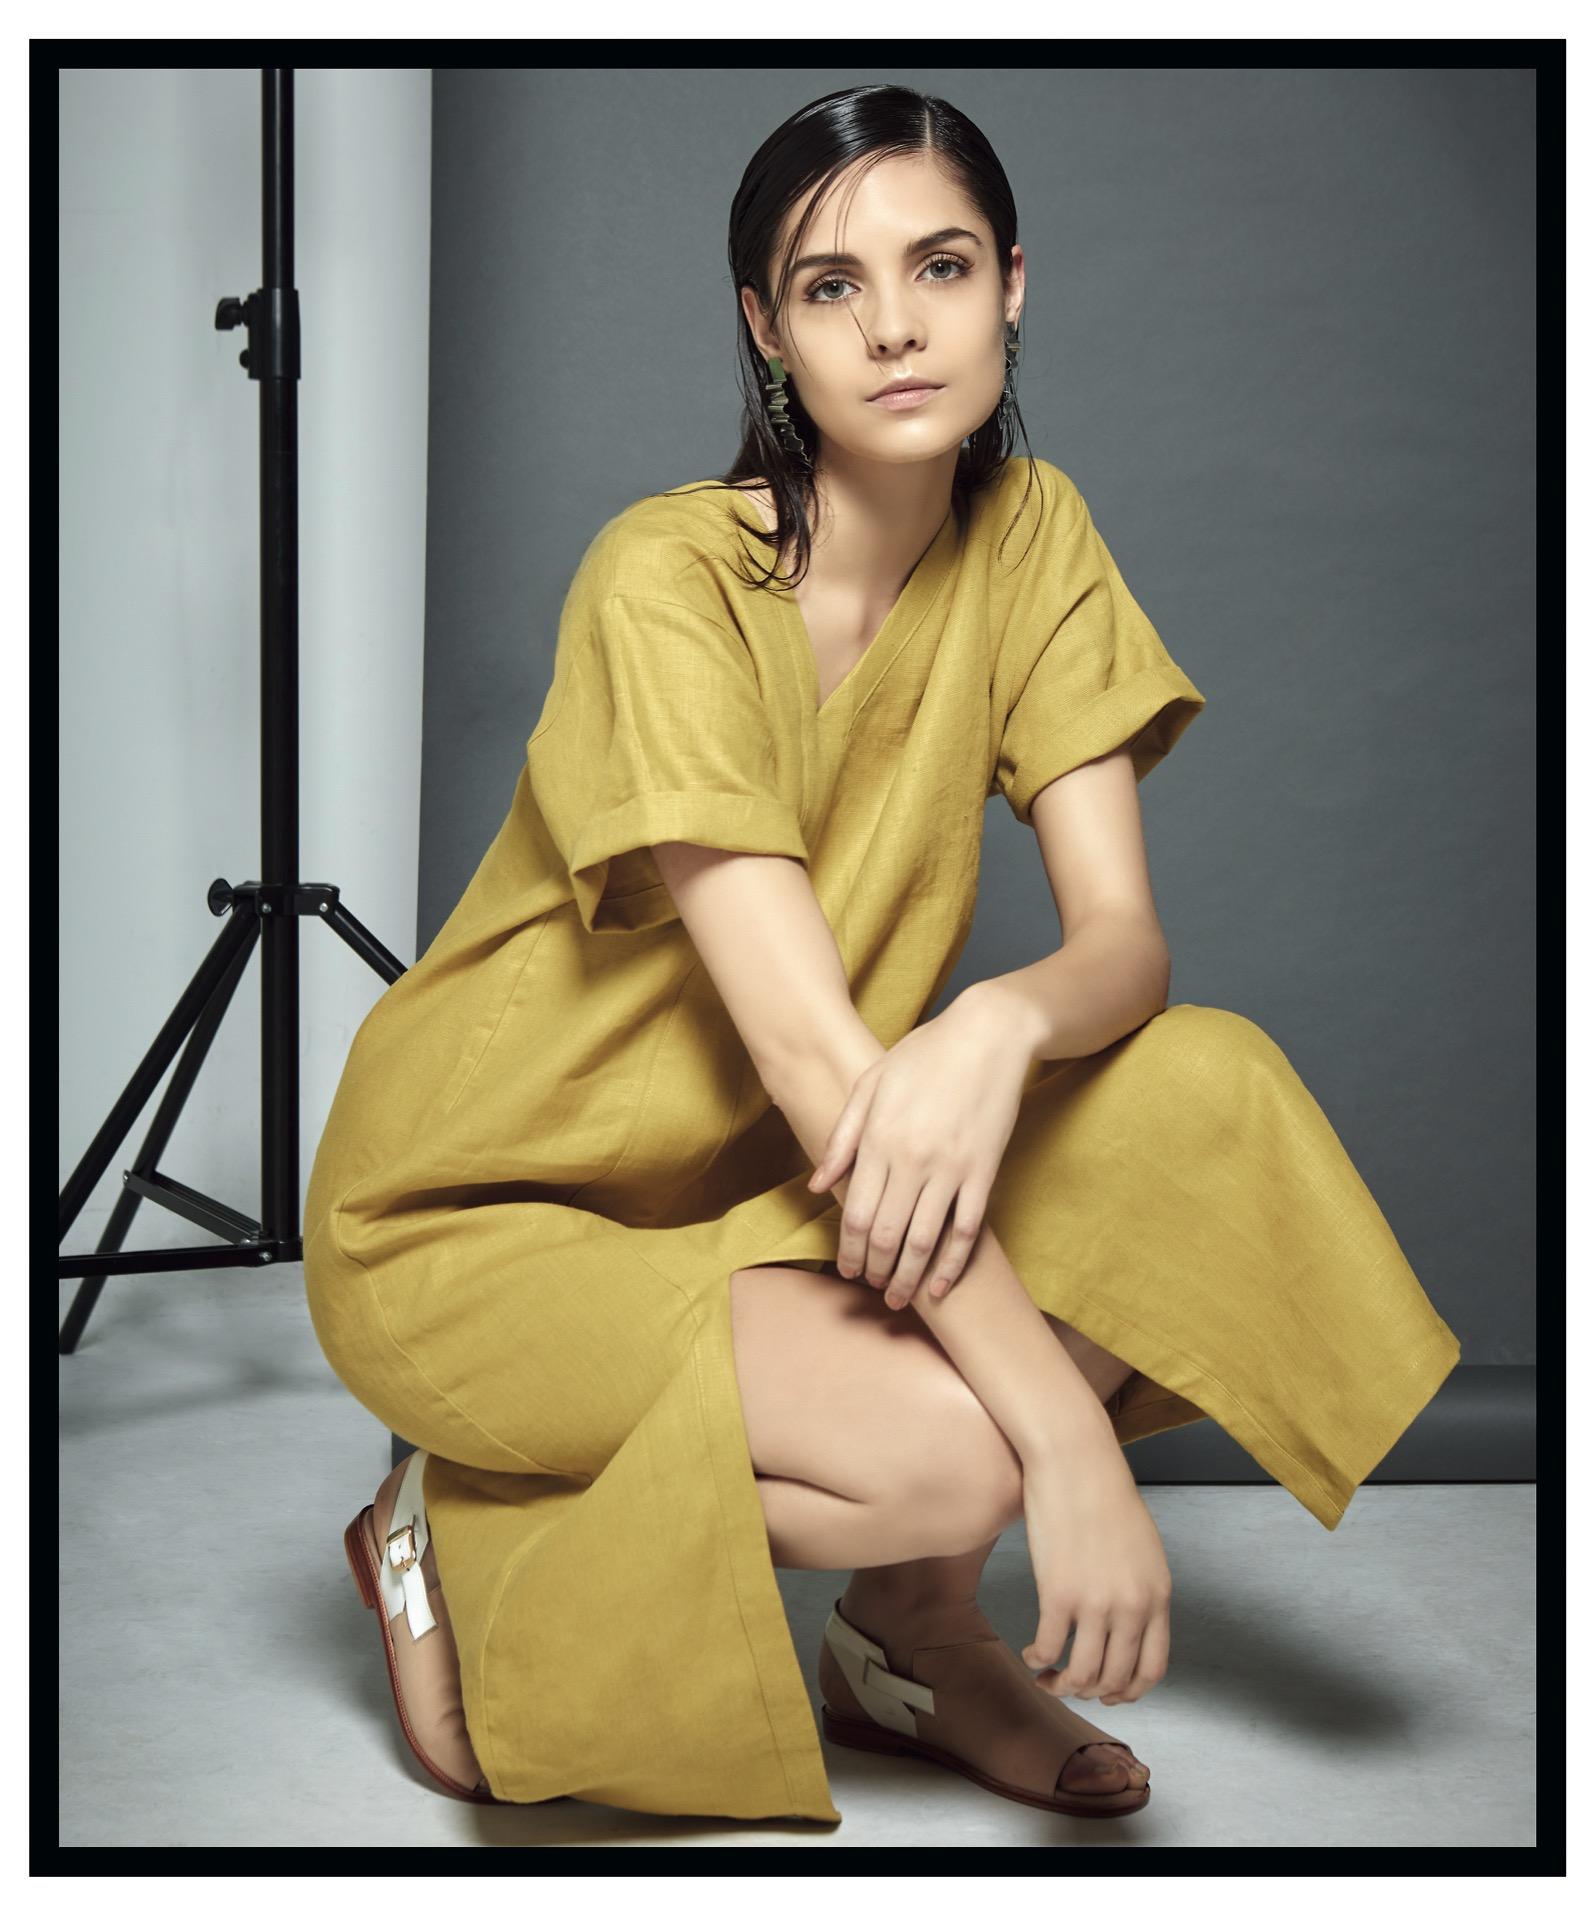 Vestido de escote irregularde lino de algodón y aros (Vernna) y sandalias bicolor (Acento de autor).Foto Ana Fanelli/ Para Ti